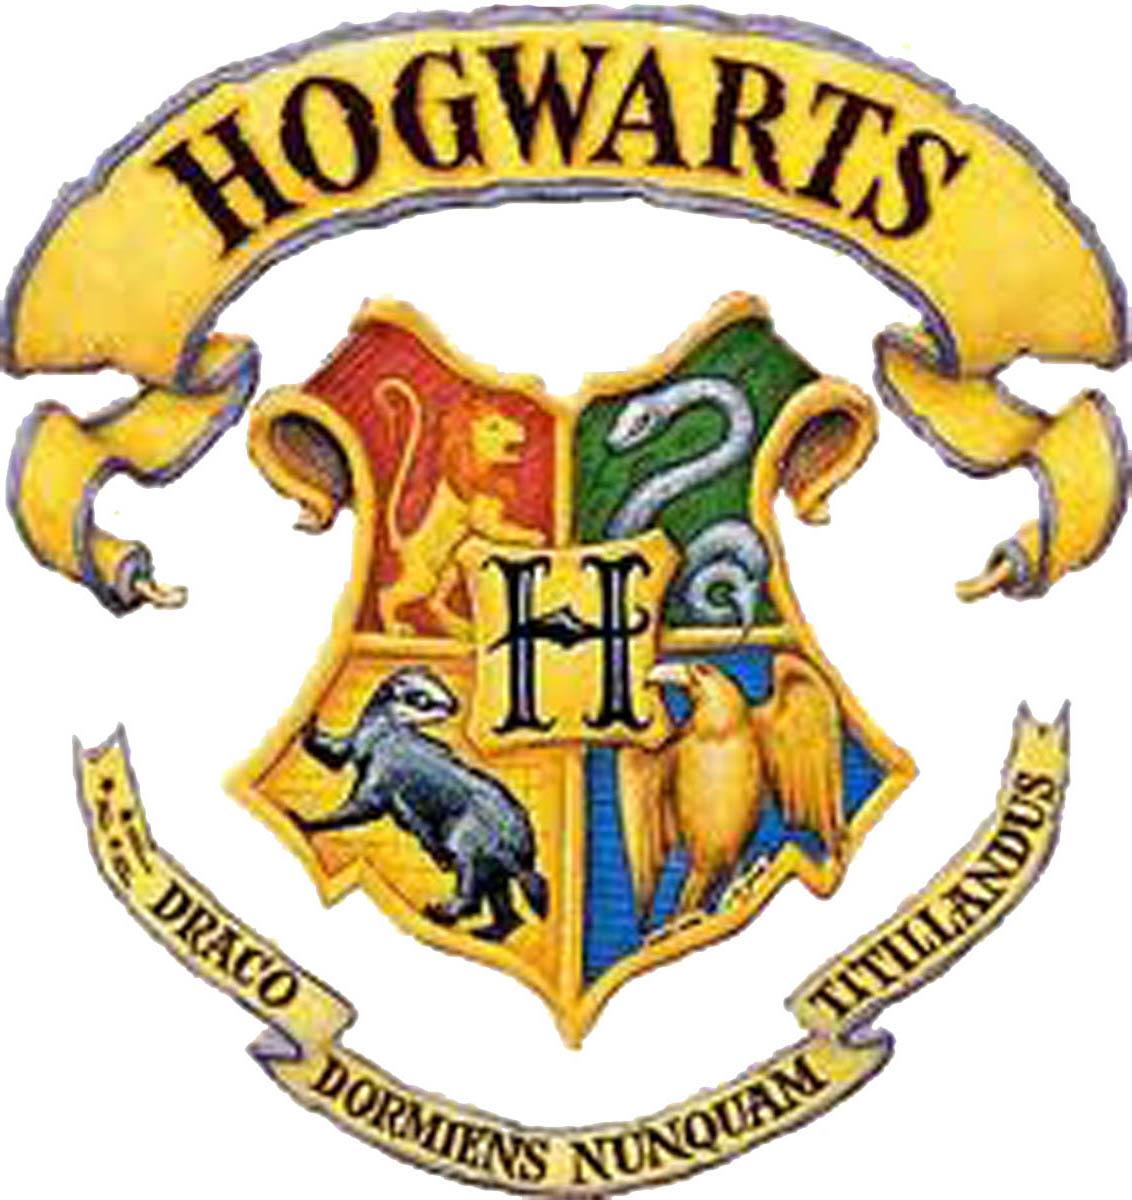 Harry potter logo. Hogwarts free image